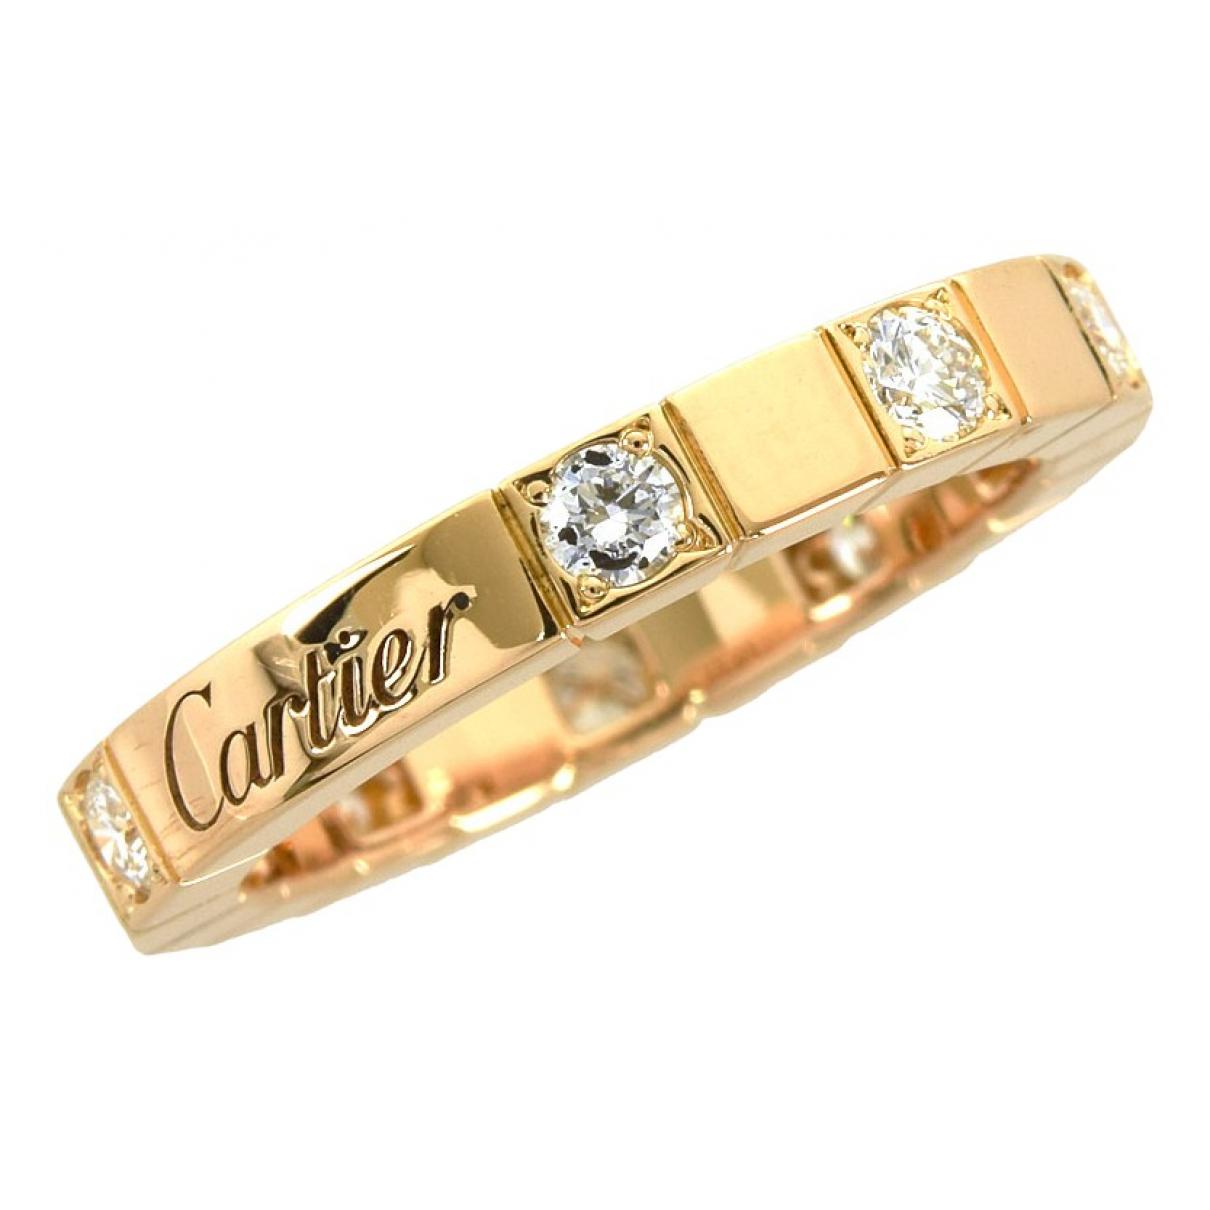 Cartier - Bague Lanieres pour femme en or rose - dore